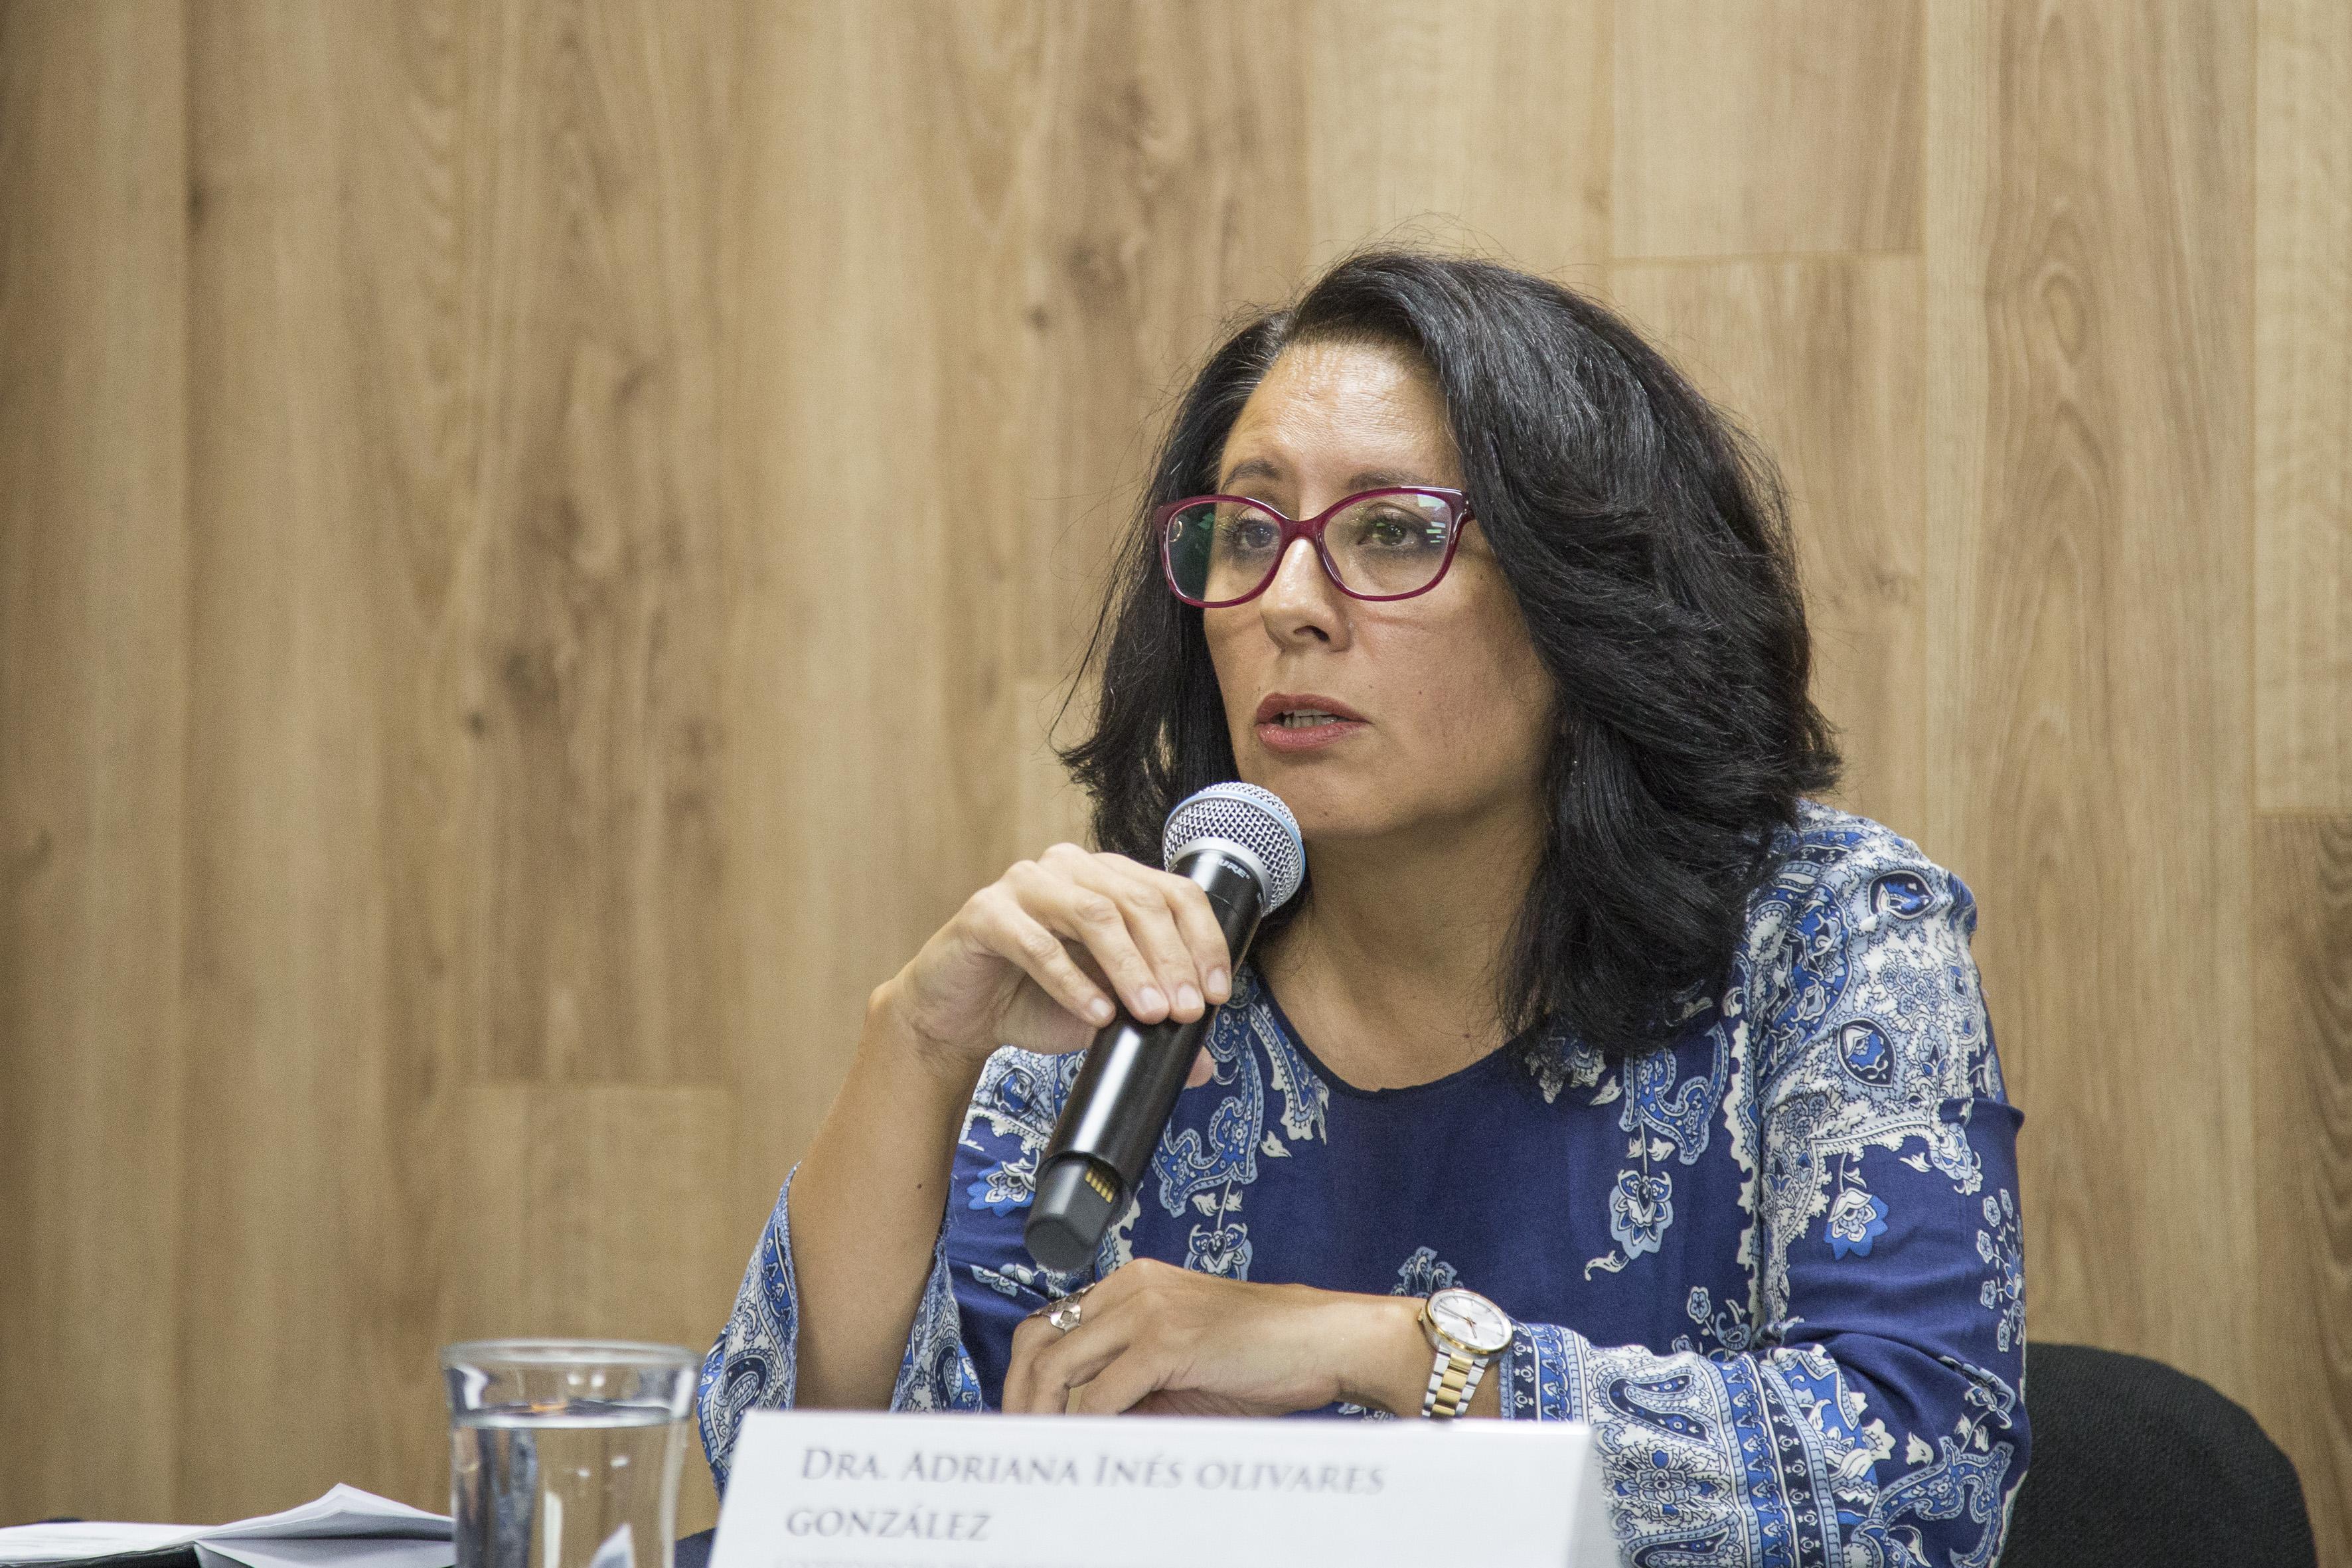 Doctora Adriana Inés Olivares González,coordinadora del Proyecto Movilidad y Espacio Público, del Centro Universitario de Arte, Arquitectura y Diseño (CUAAD), con micrófono en mano, haciendo uso de la palabra, durante rueda de prensa.